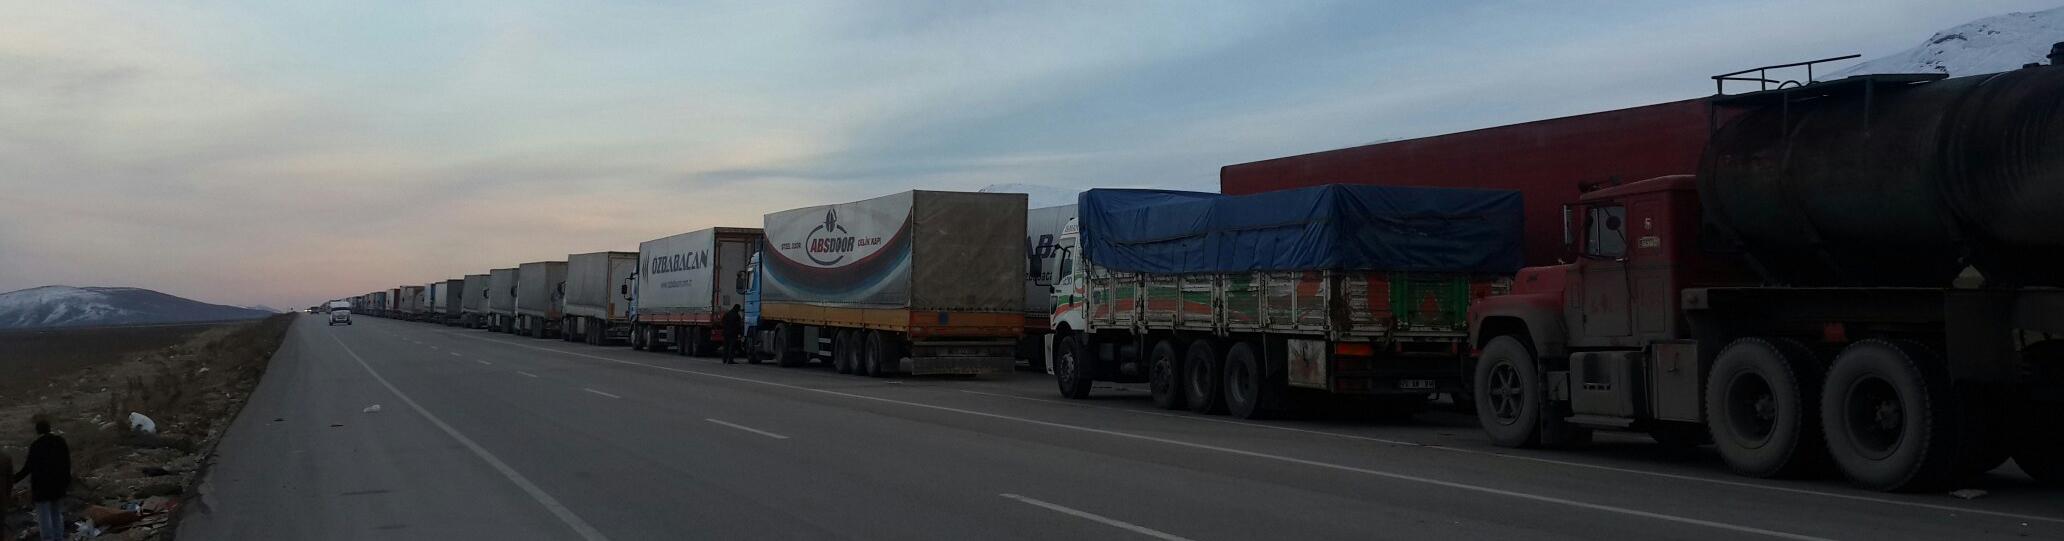 افزایش مبادلات تجاری با مرز بسته ایران و ترکیه رخ نمیدهد